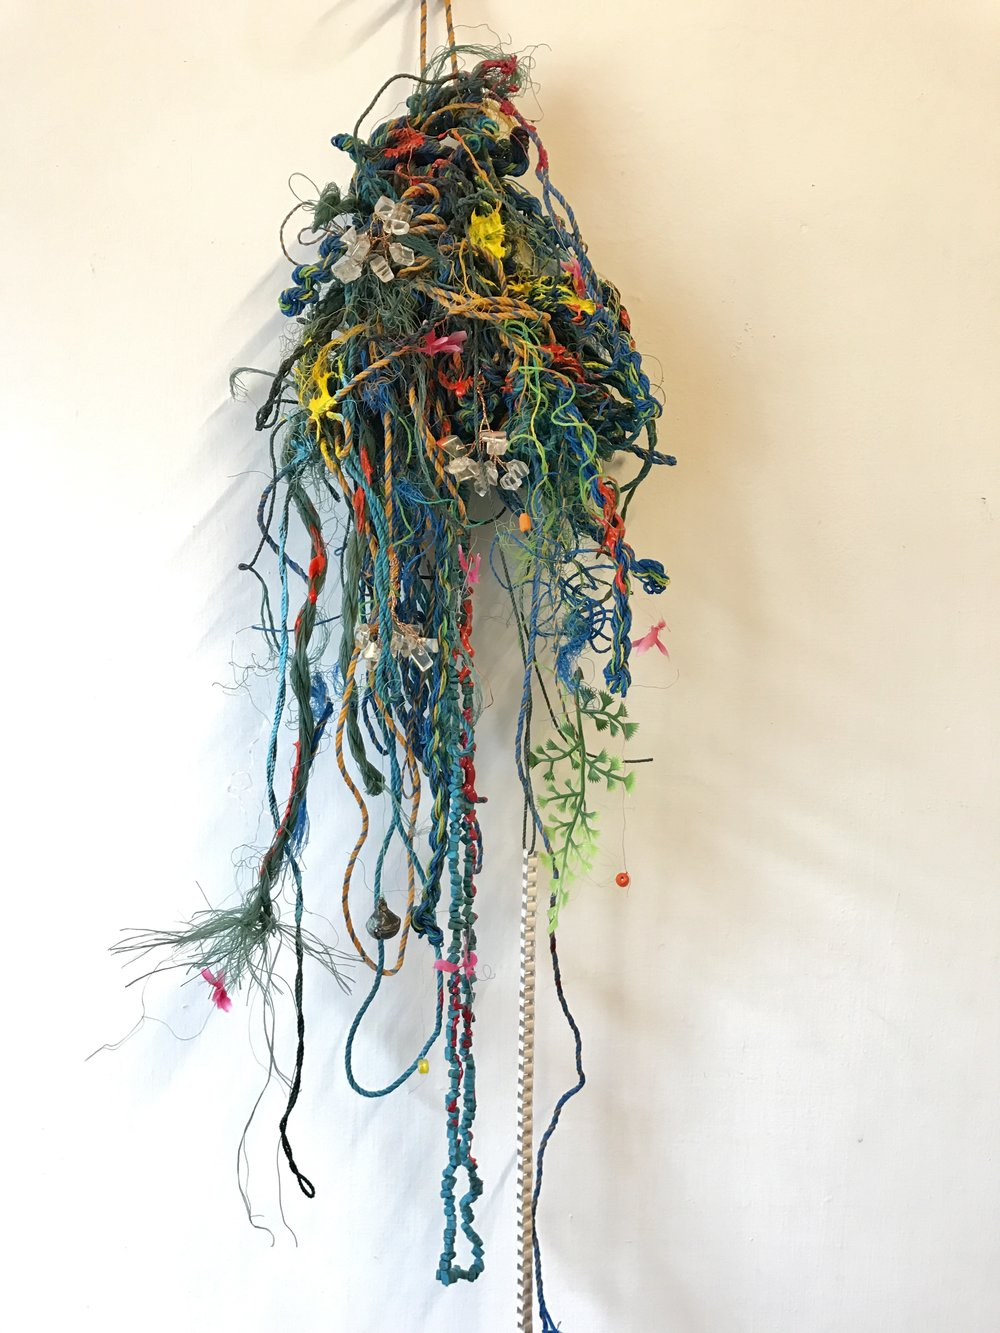 〈祈禱之珠 #1|Prayer Beads #1〉,2018